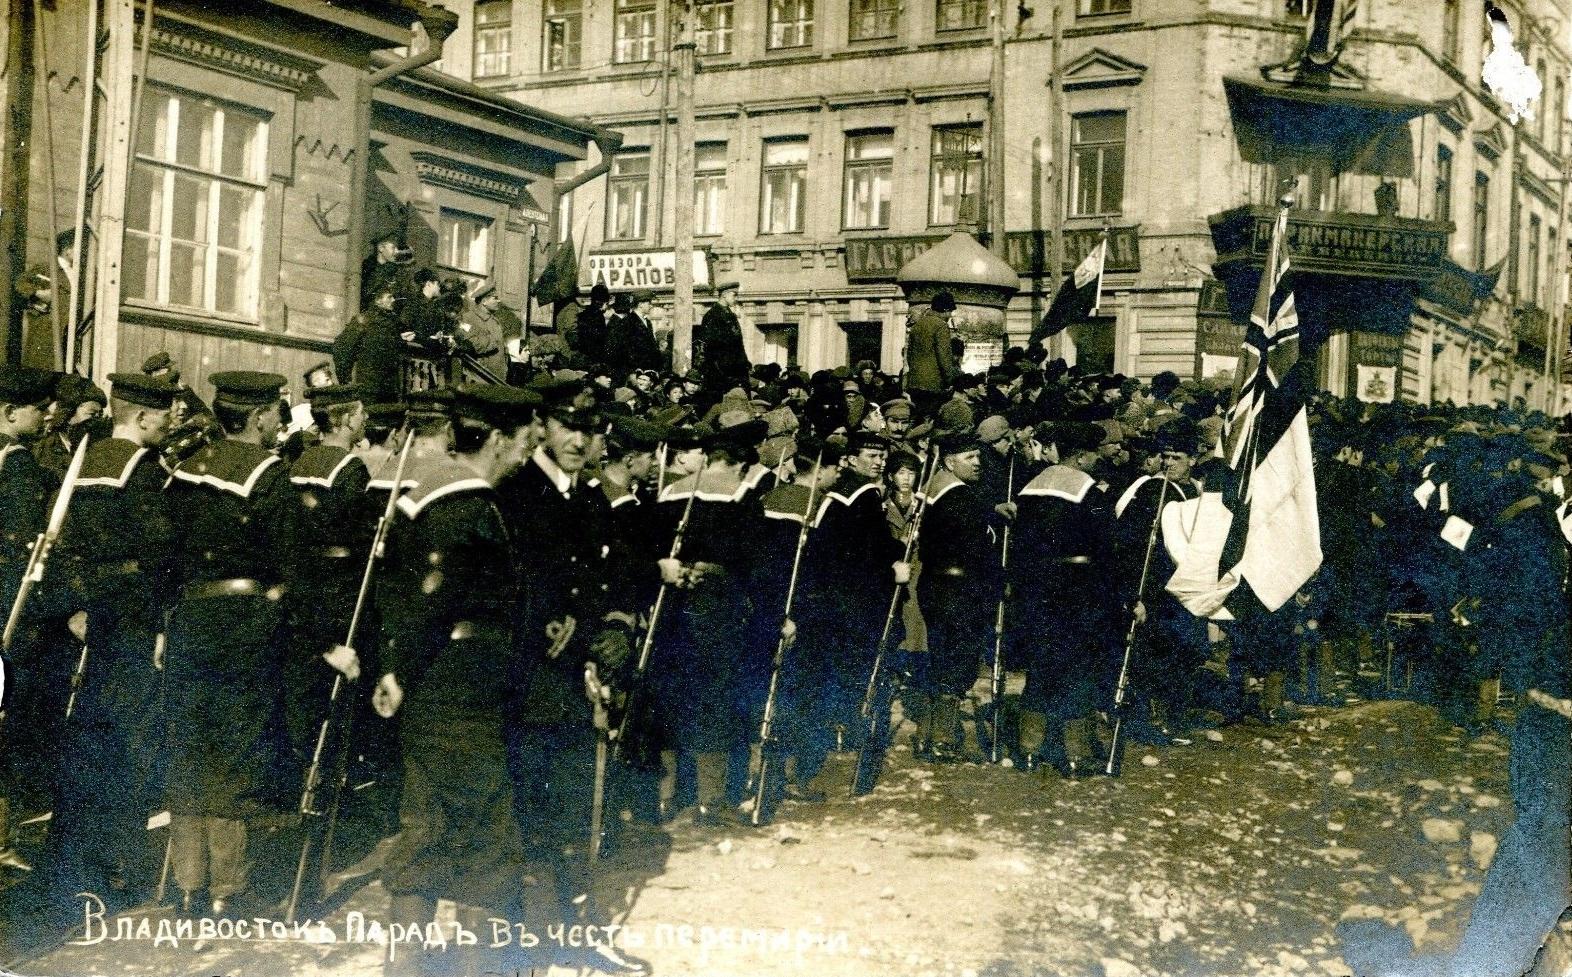 10. 1918. Построение британских войск перед парадом. 15 ноября